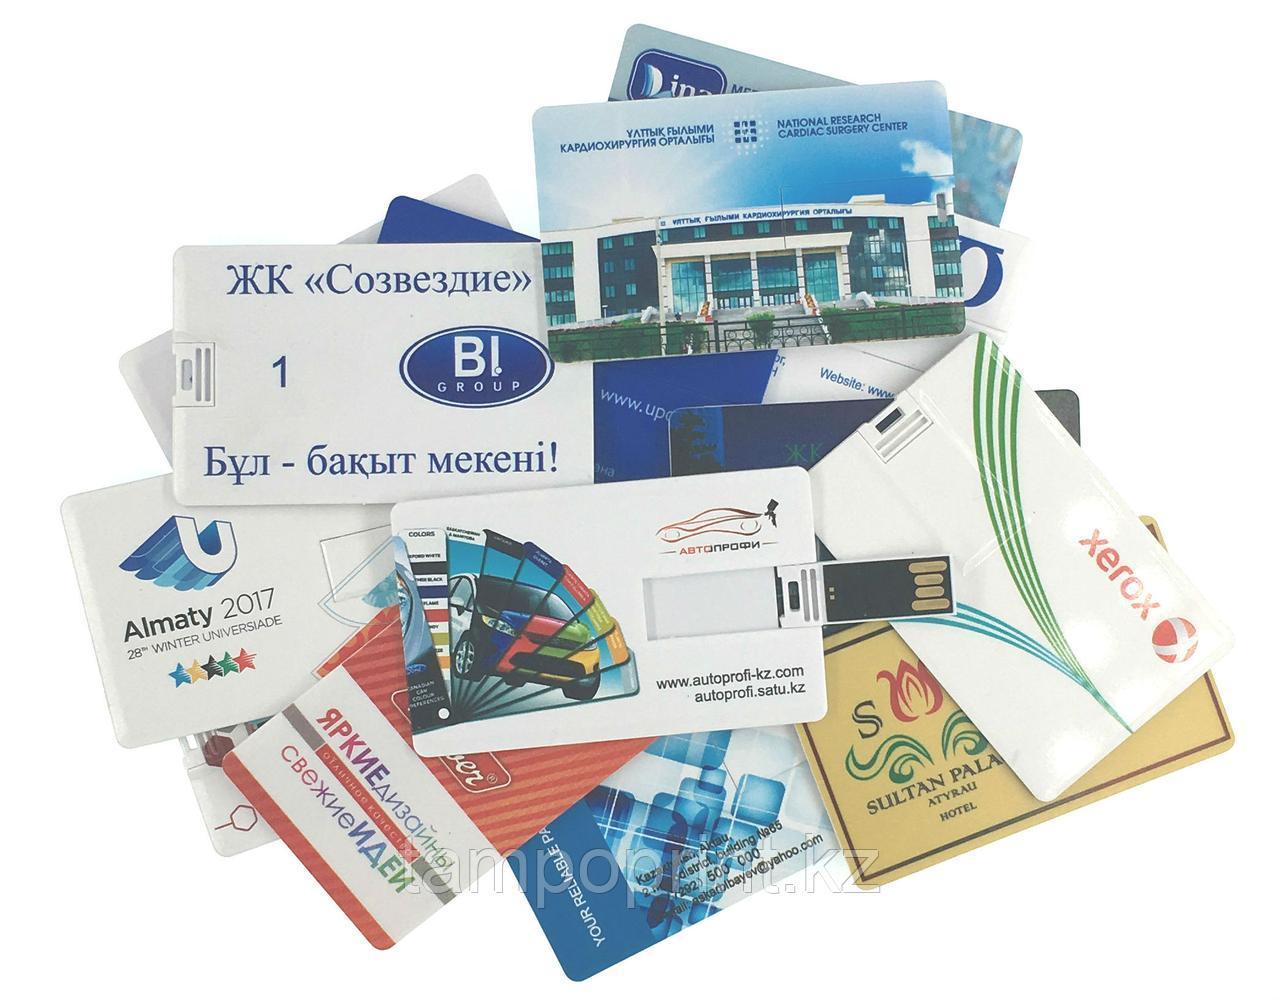 Флешка карточка 32 гб. Бесплатная доставка по Казахстану.